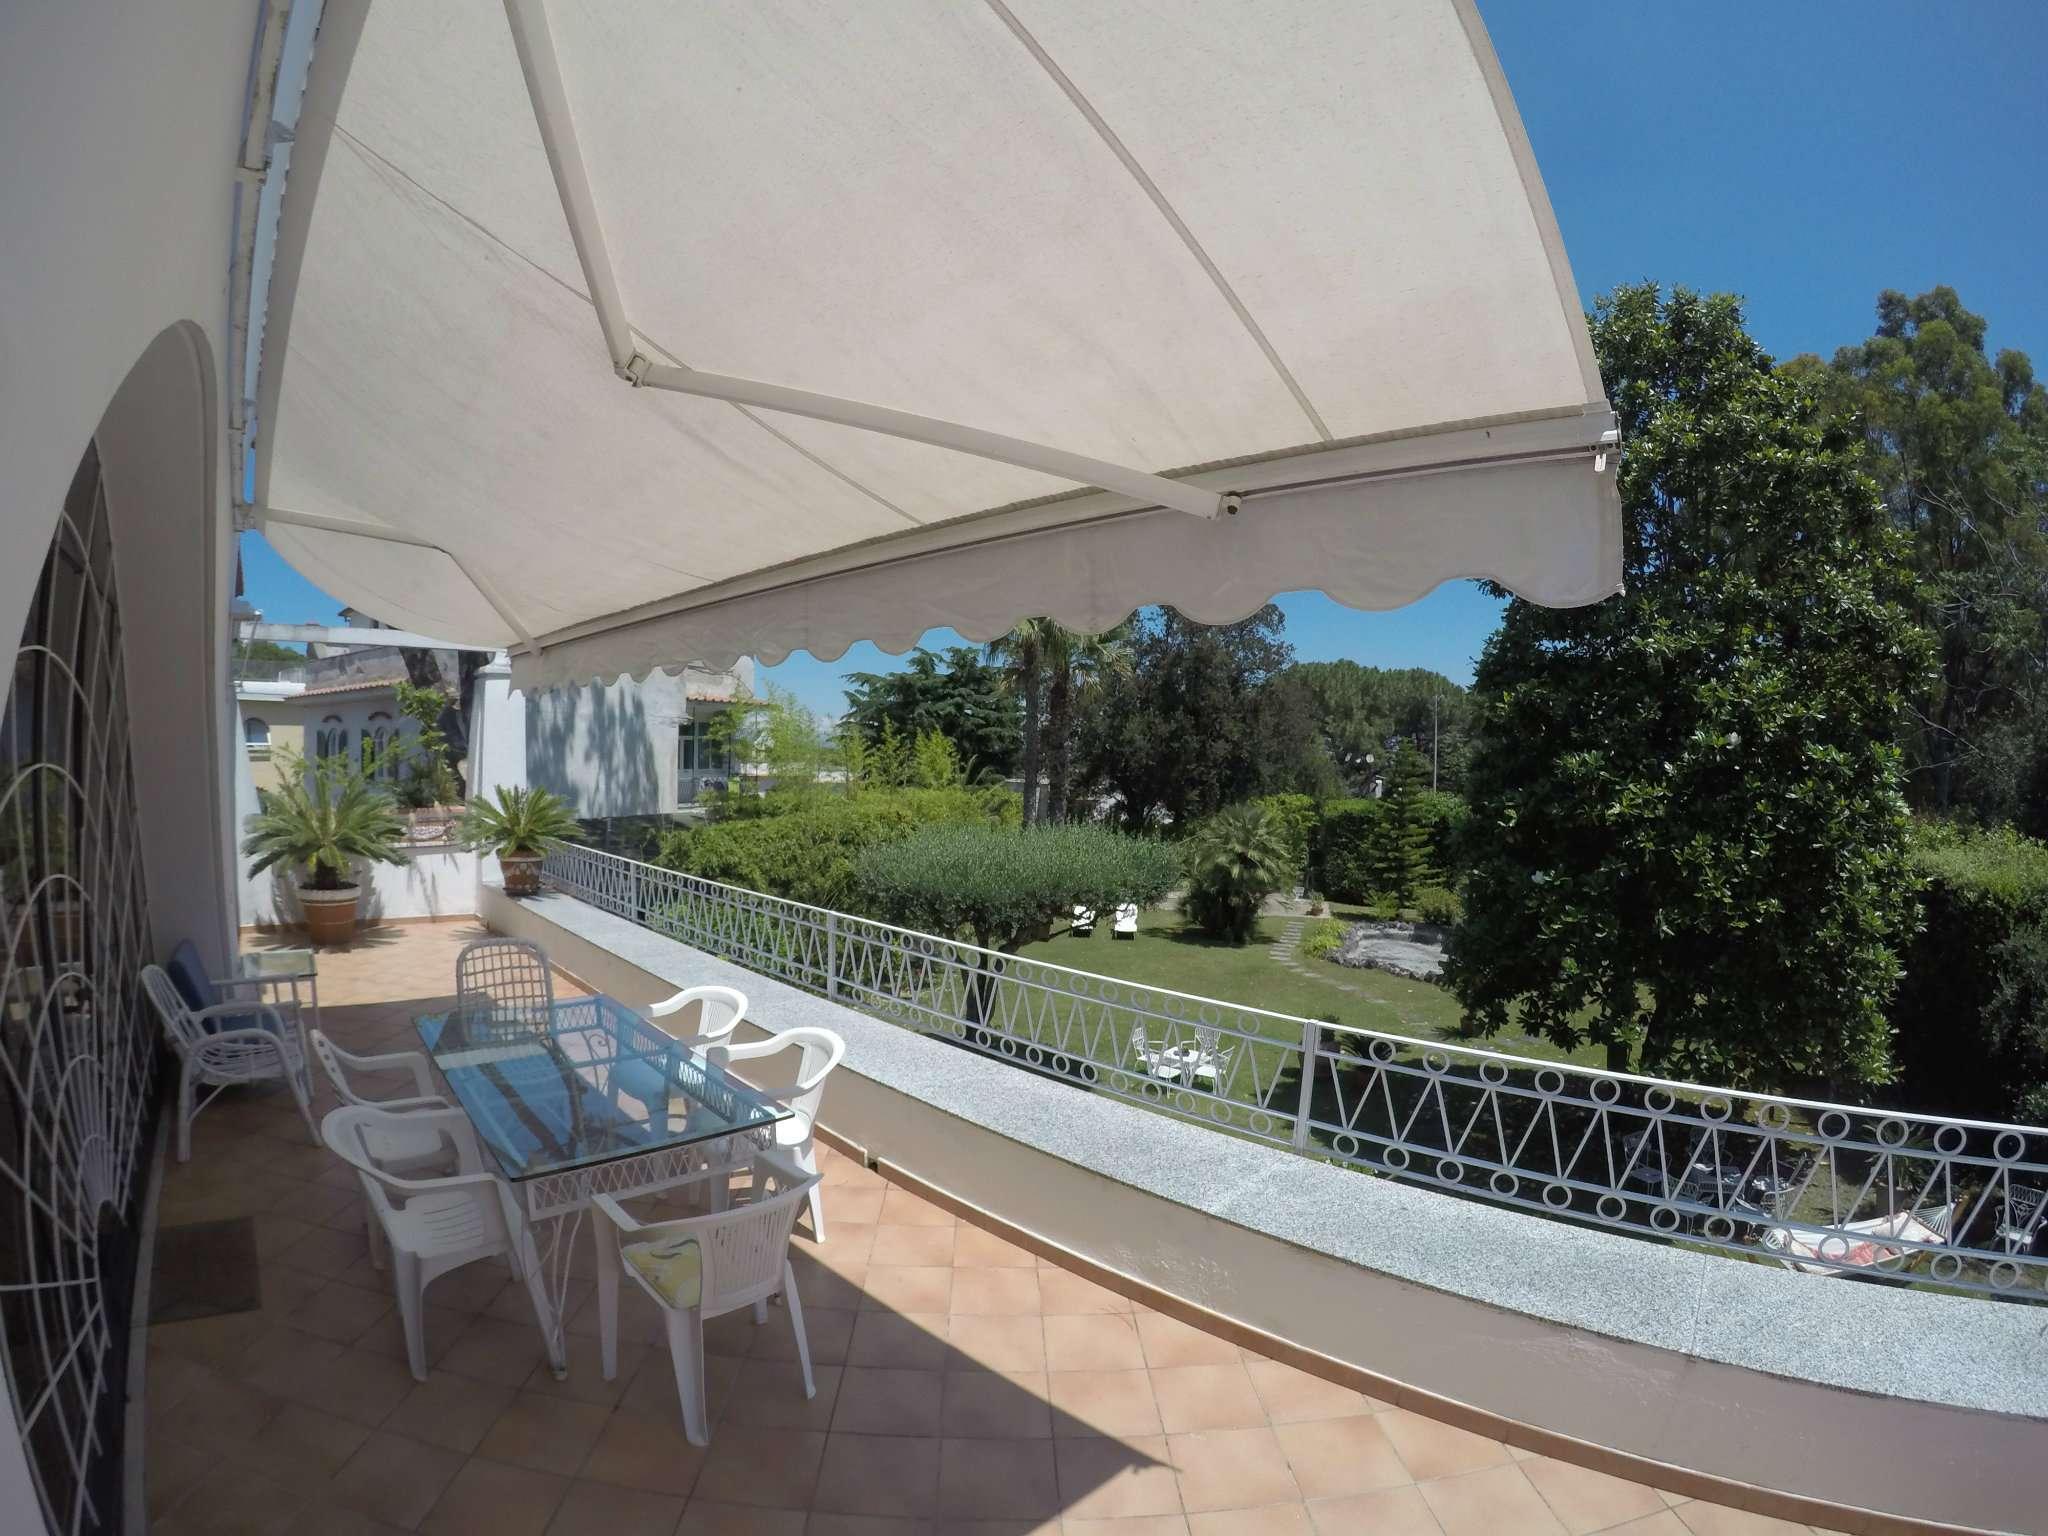 Villa in affitto a Ischia, 7 locali, prezzo € 7.000 | CambioCasa.it